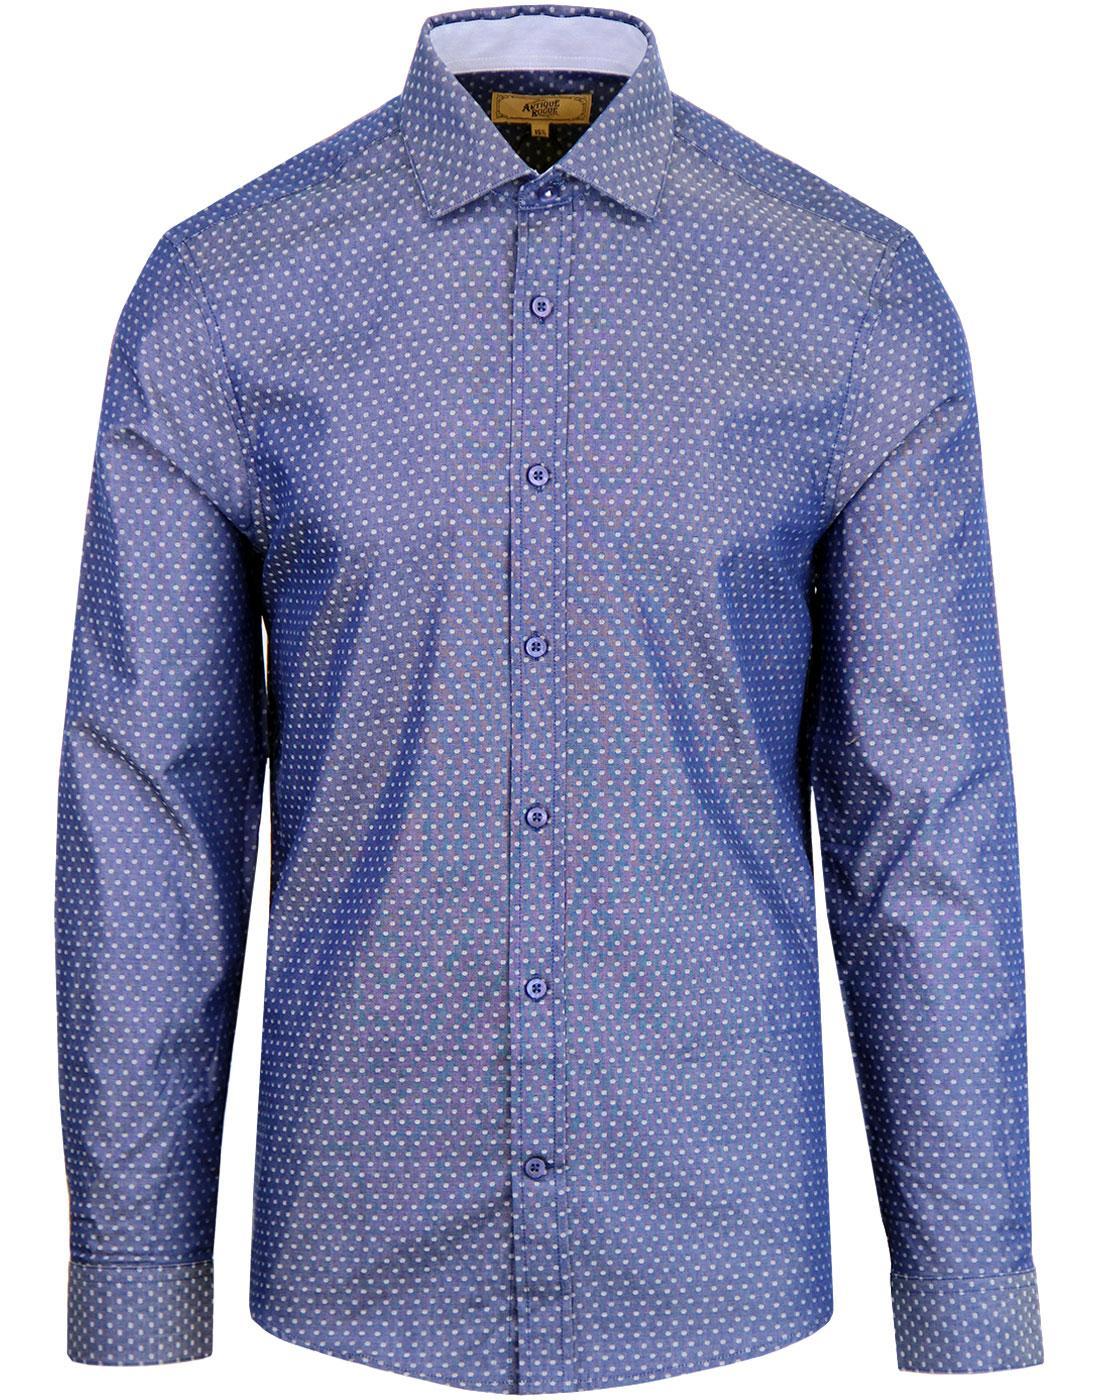 ANTIQUE ROGUE Men's Spread Collar Polkadot Shirt B